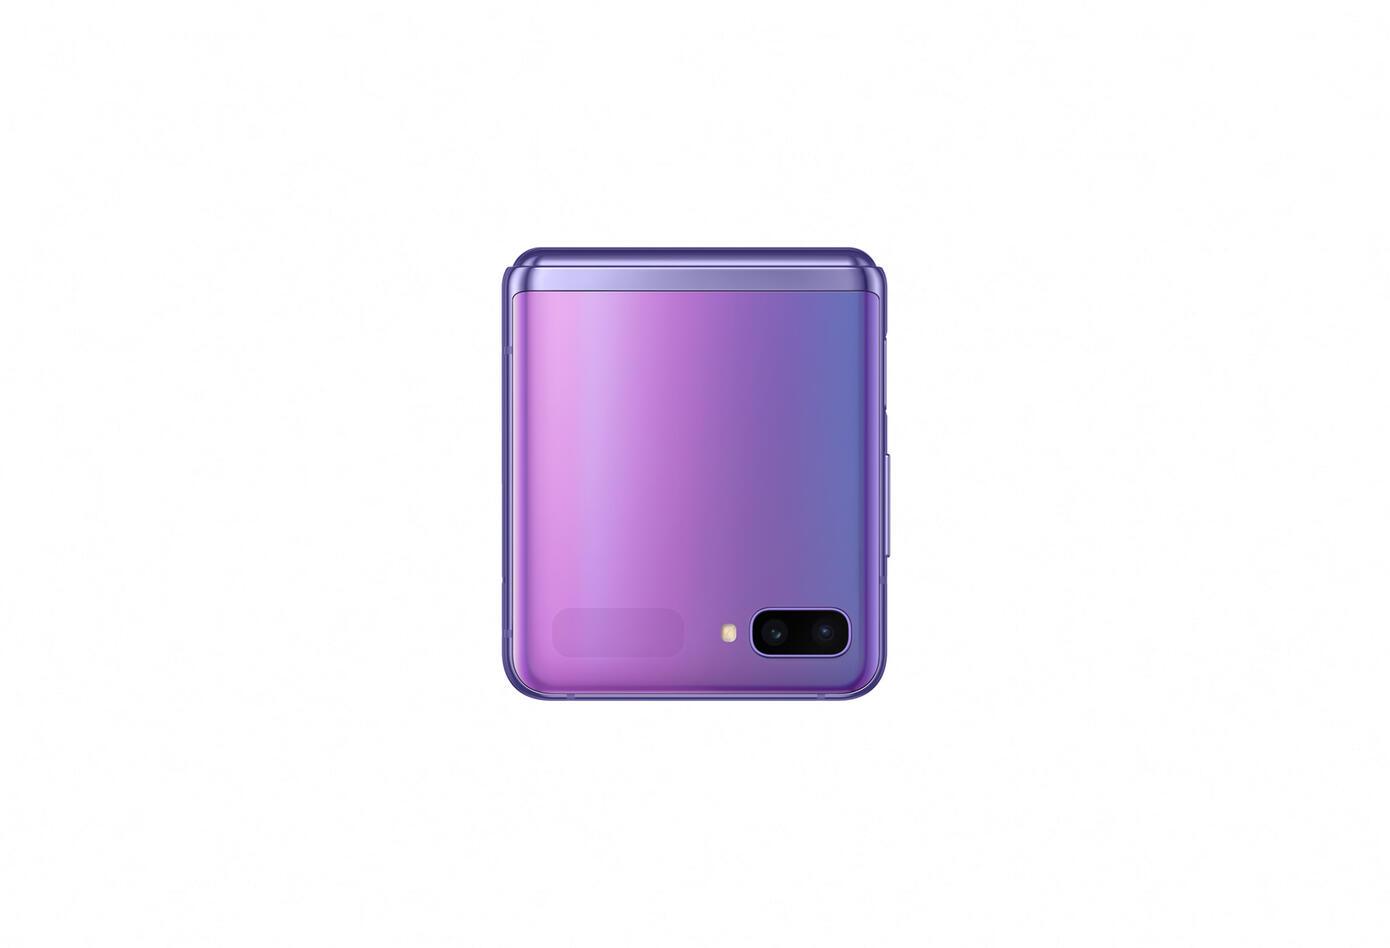 Samsung Galaxy Z tiene una forma cuadrada